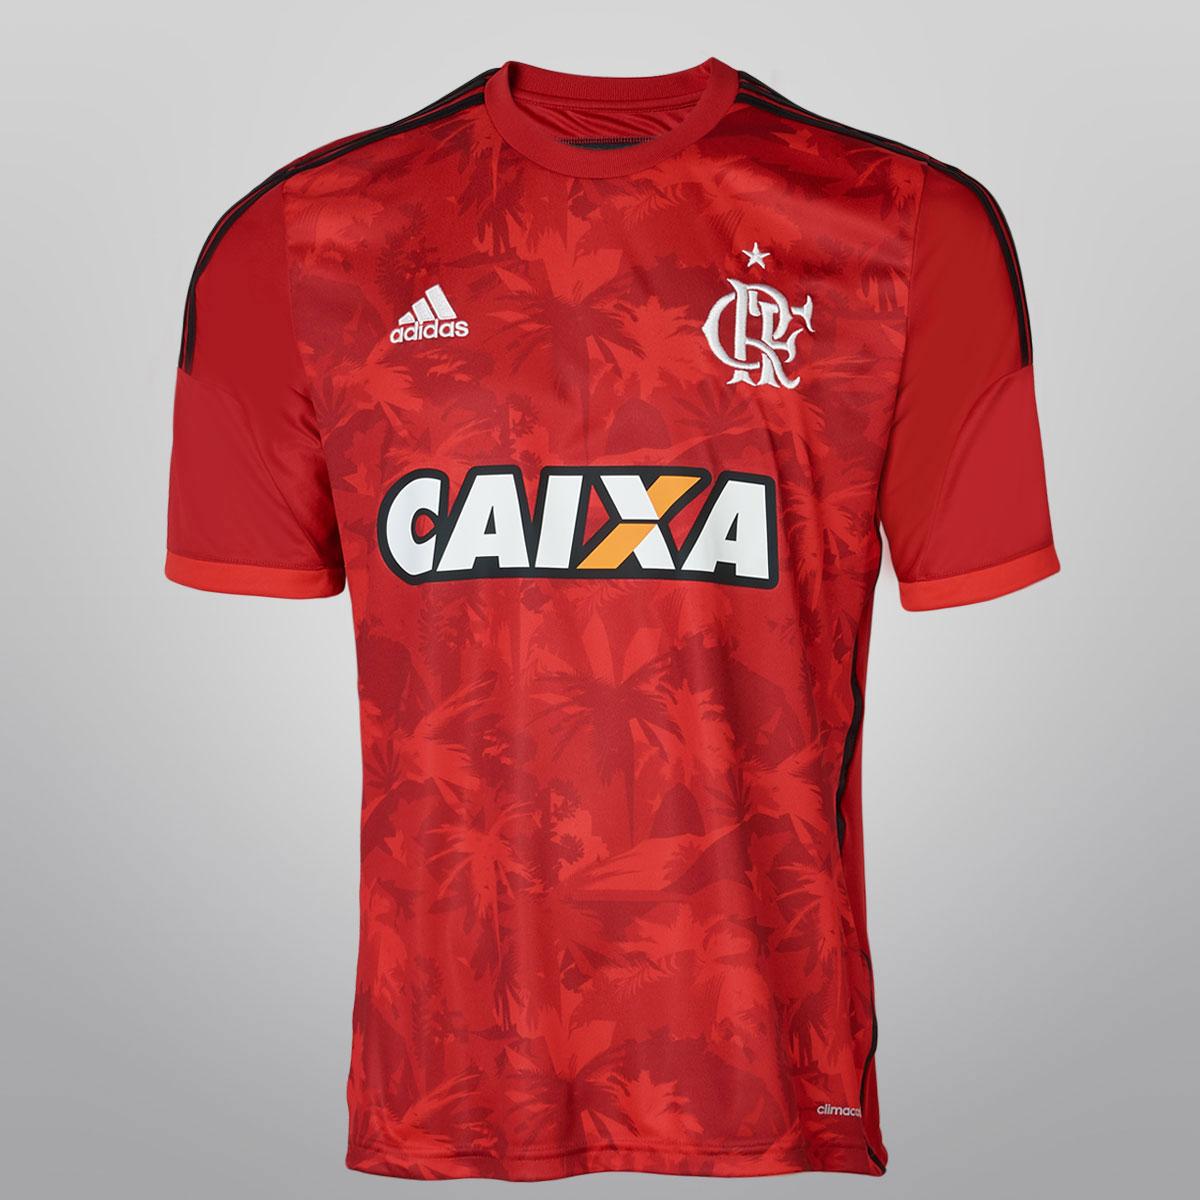 b4fd12d413 Sem a presença de jogadores, o Flamengo lançou nesta quinta-feira, na  Gávea, sua nova terceira camisa. O uniforme, que tem o vermelho como cor  predominante, ...